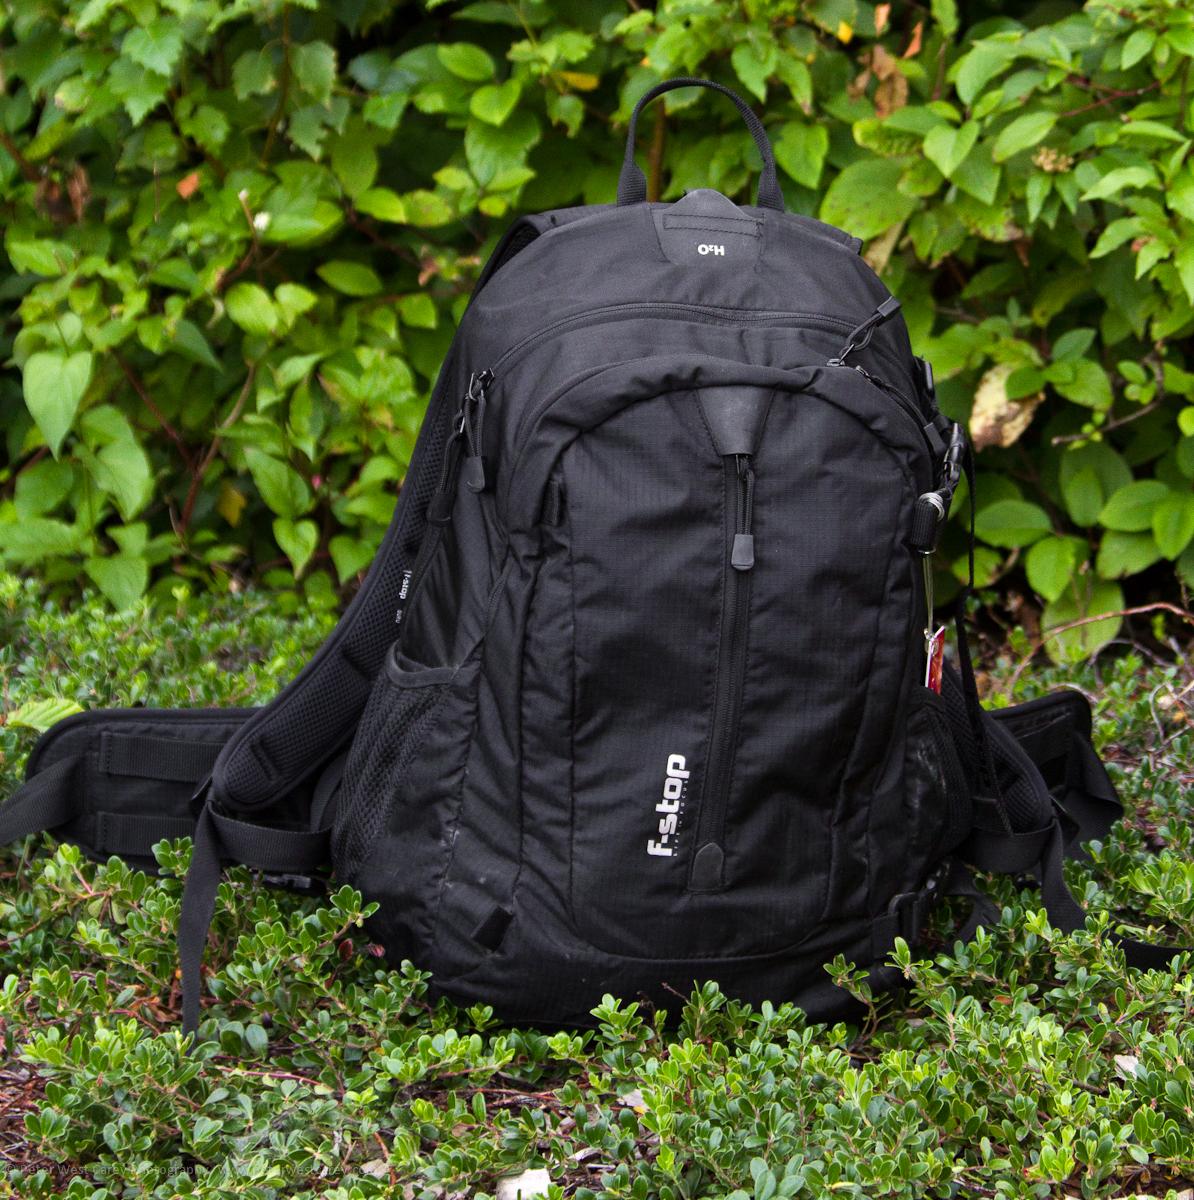 F Stop Guru Camera Bag Review